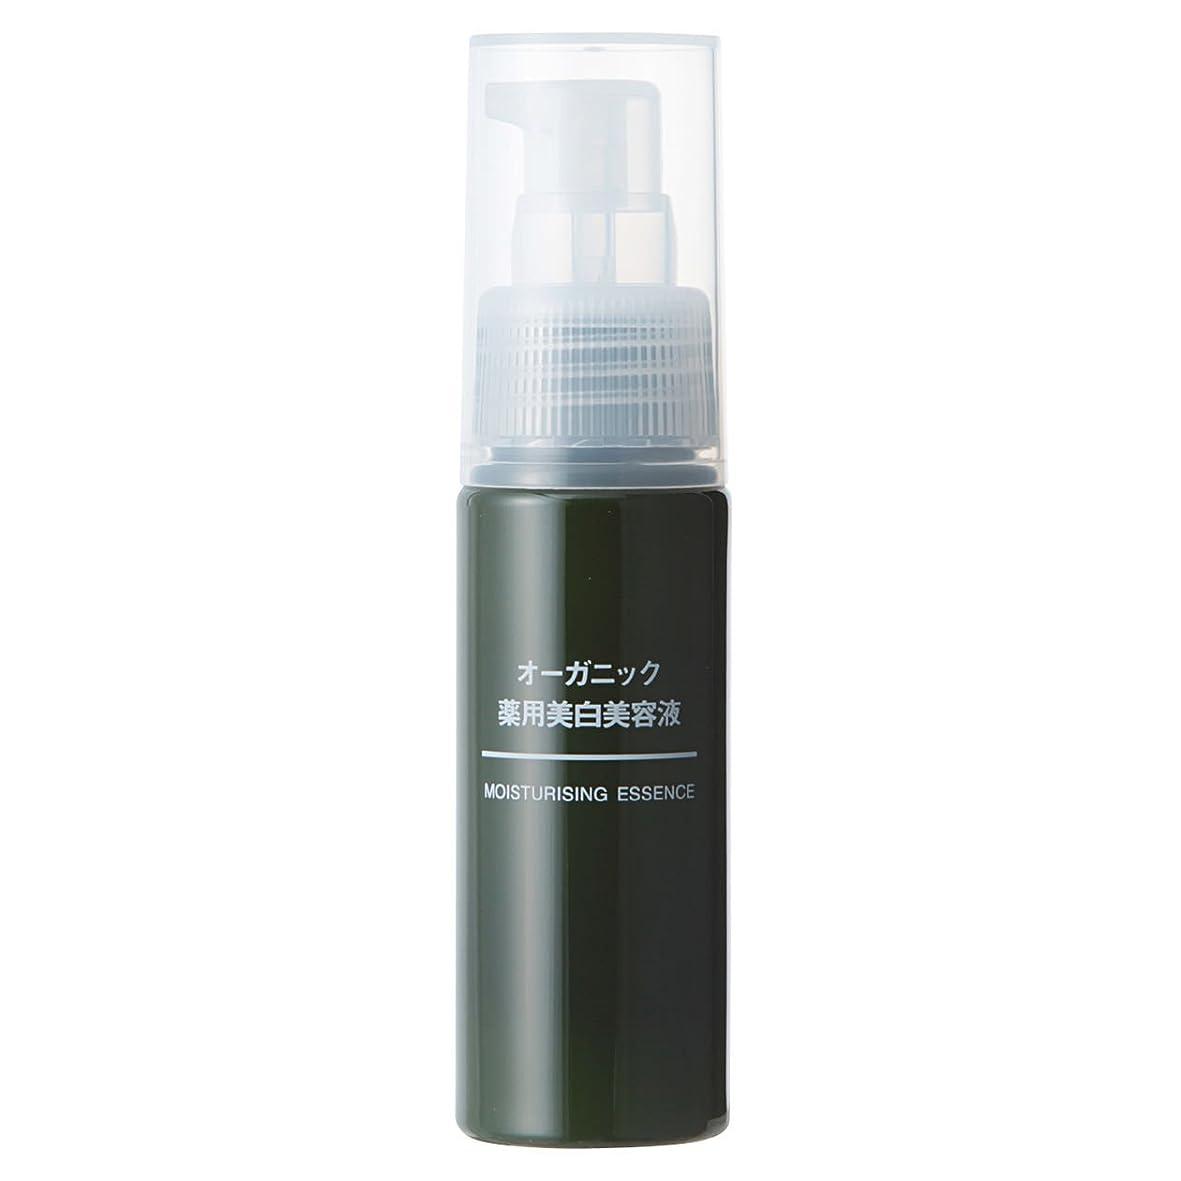 年土中で無印良品 オーガニック薬用美白美容液 (新)50ml